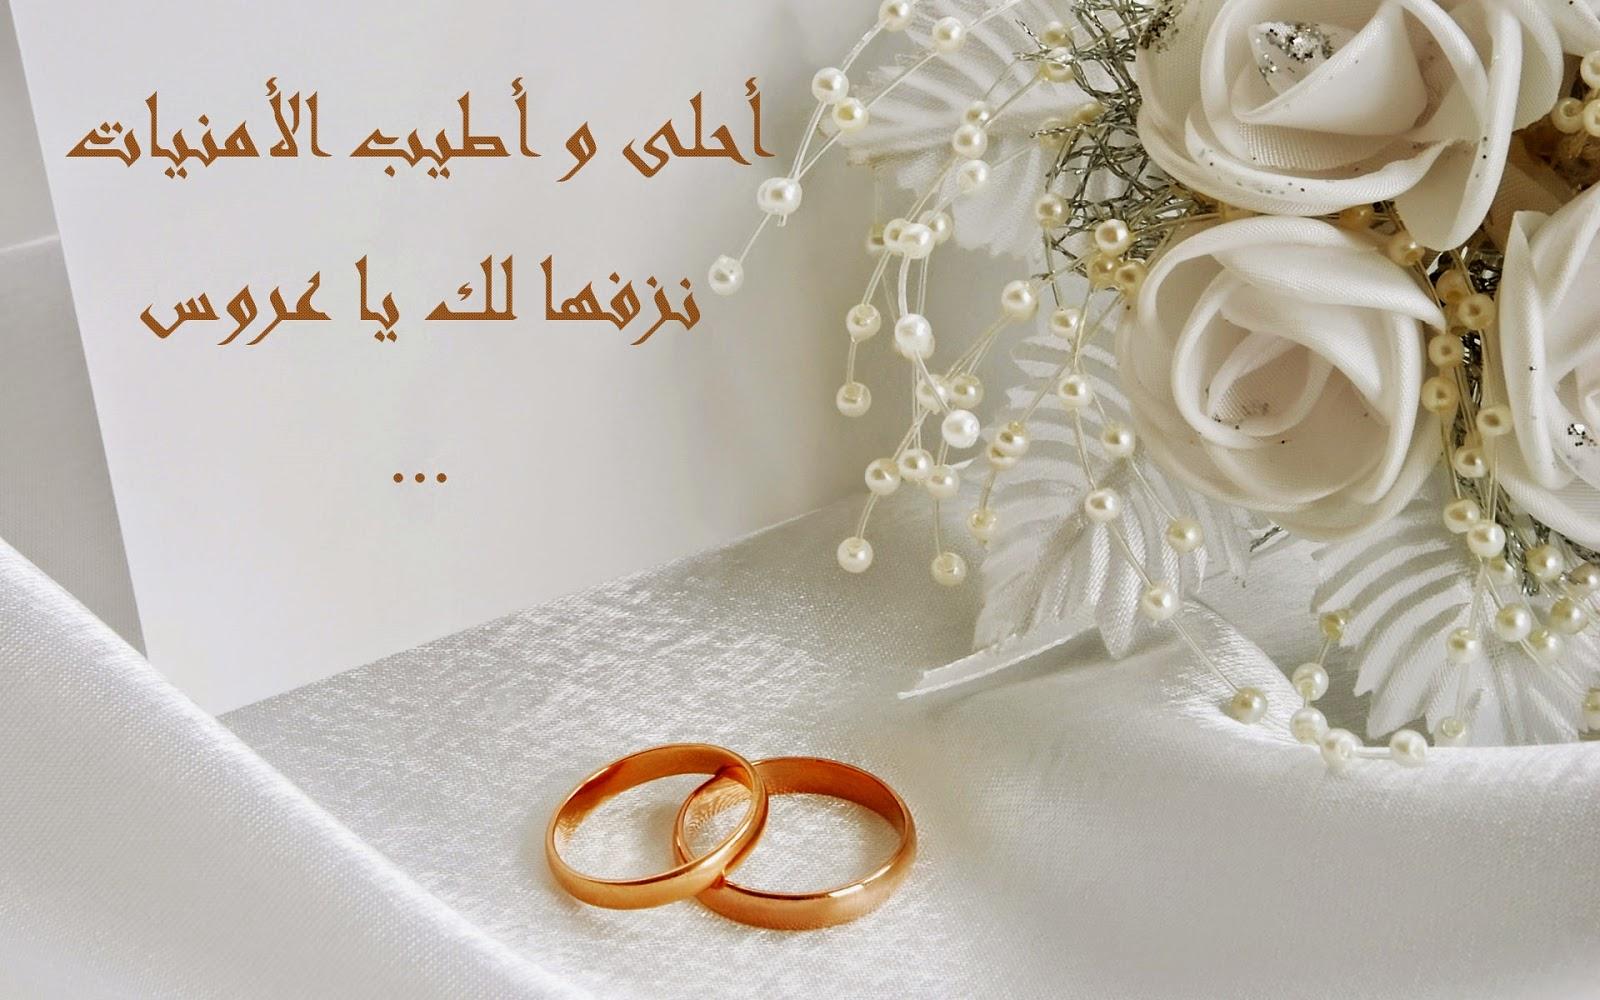 ما هو دعاء الزواج آداب عليك مراعاتها الرجل